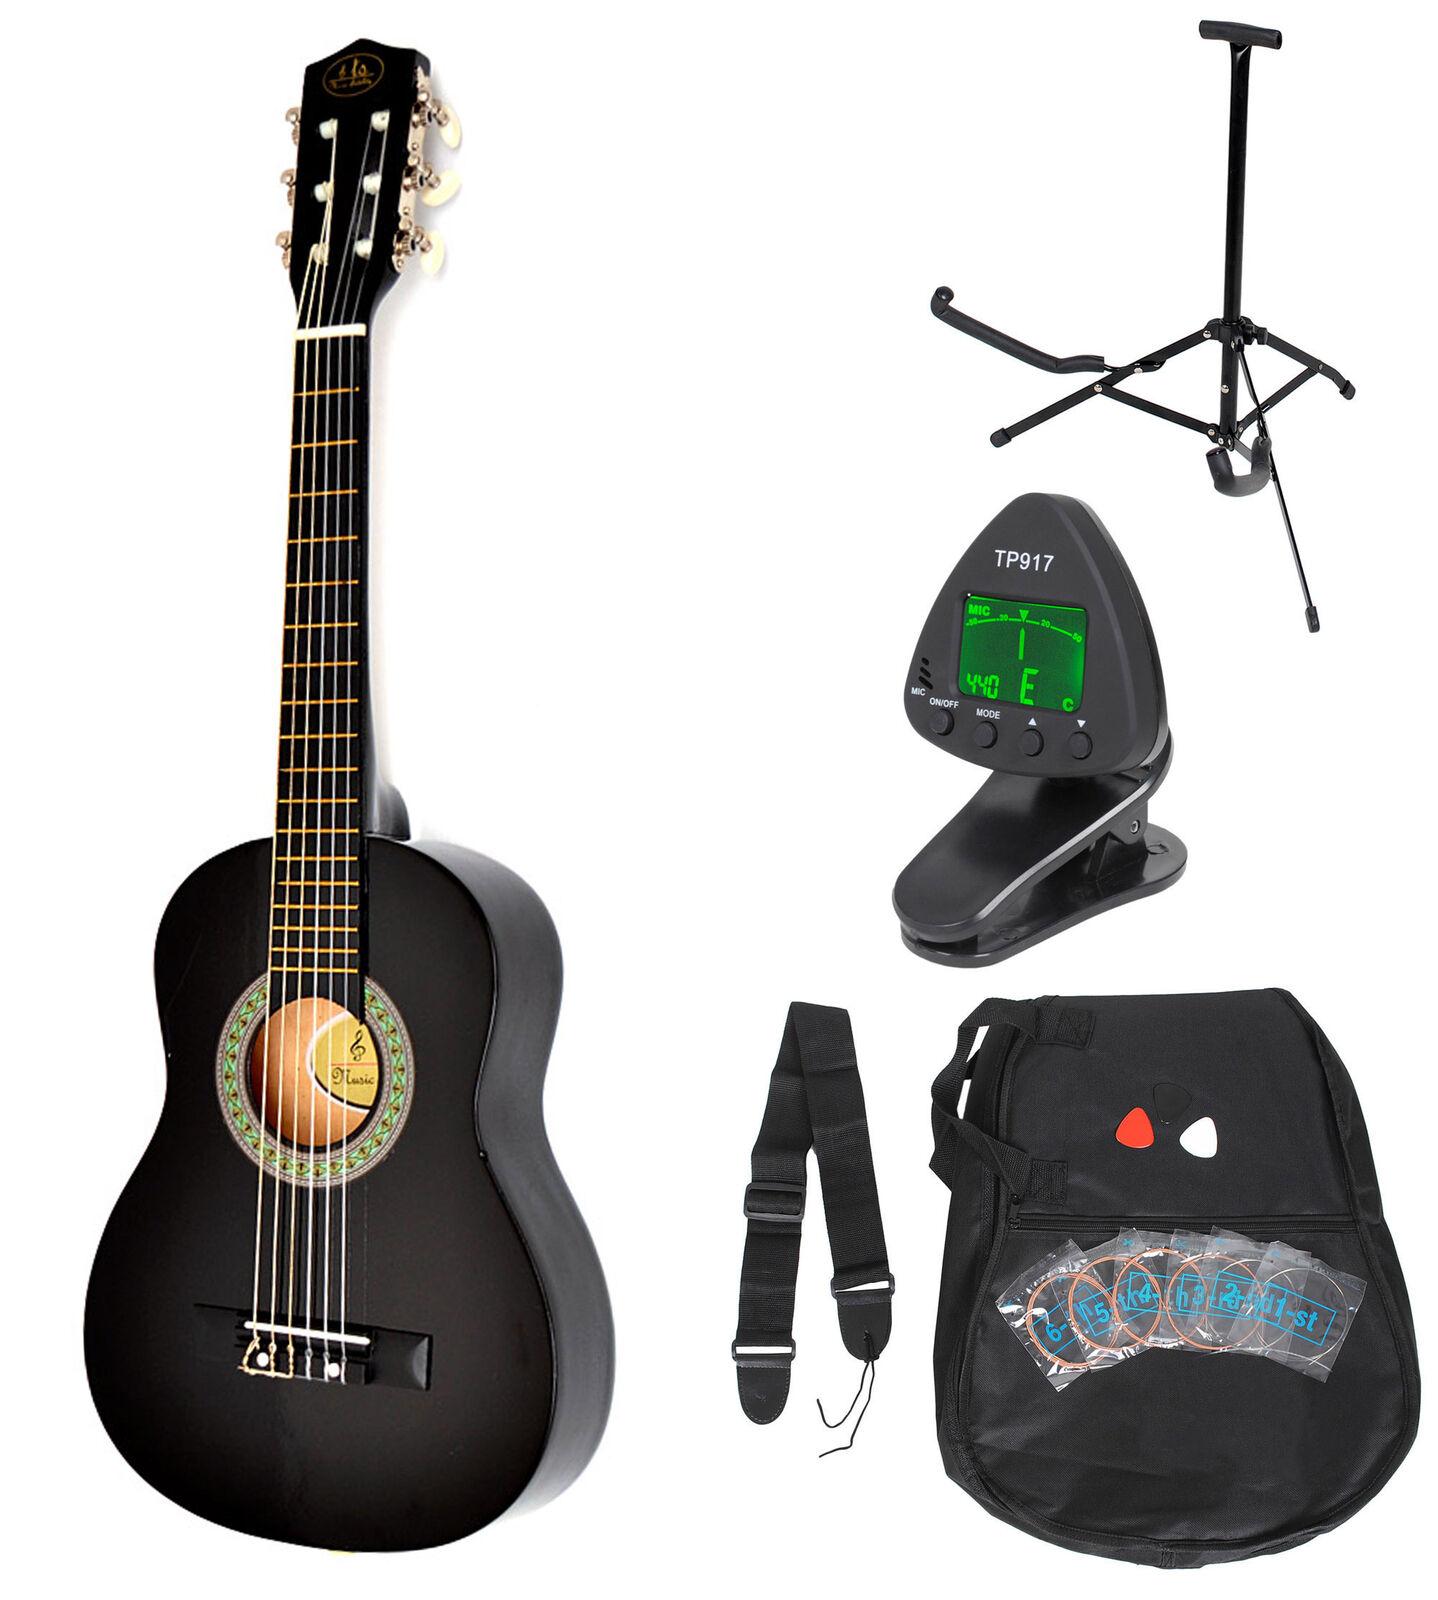 Guitarra de concierto acústica (1 4, infantil, incluye set de accesorios), schwarz